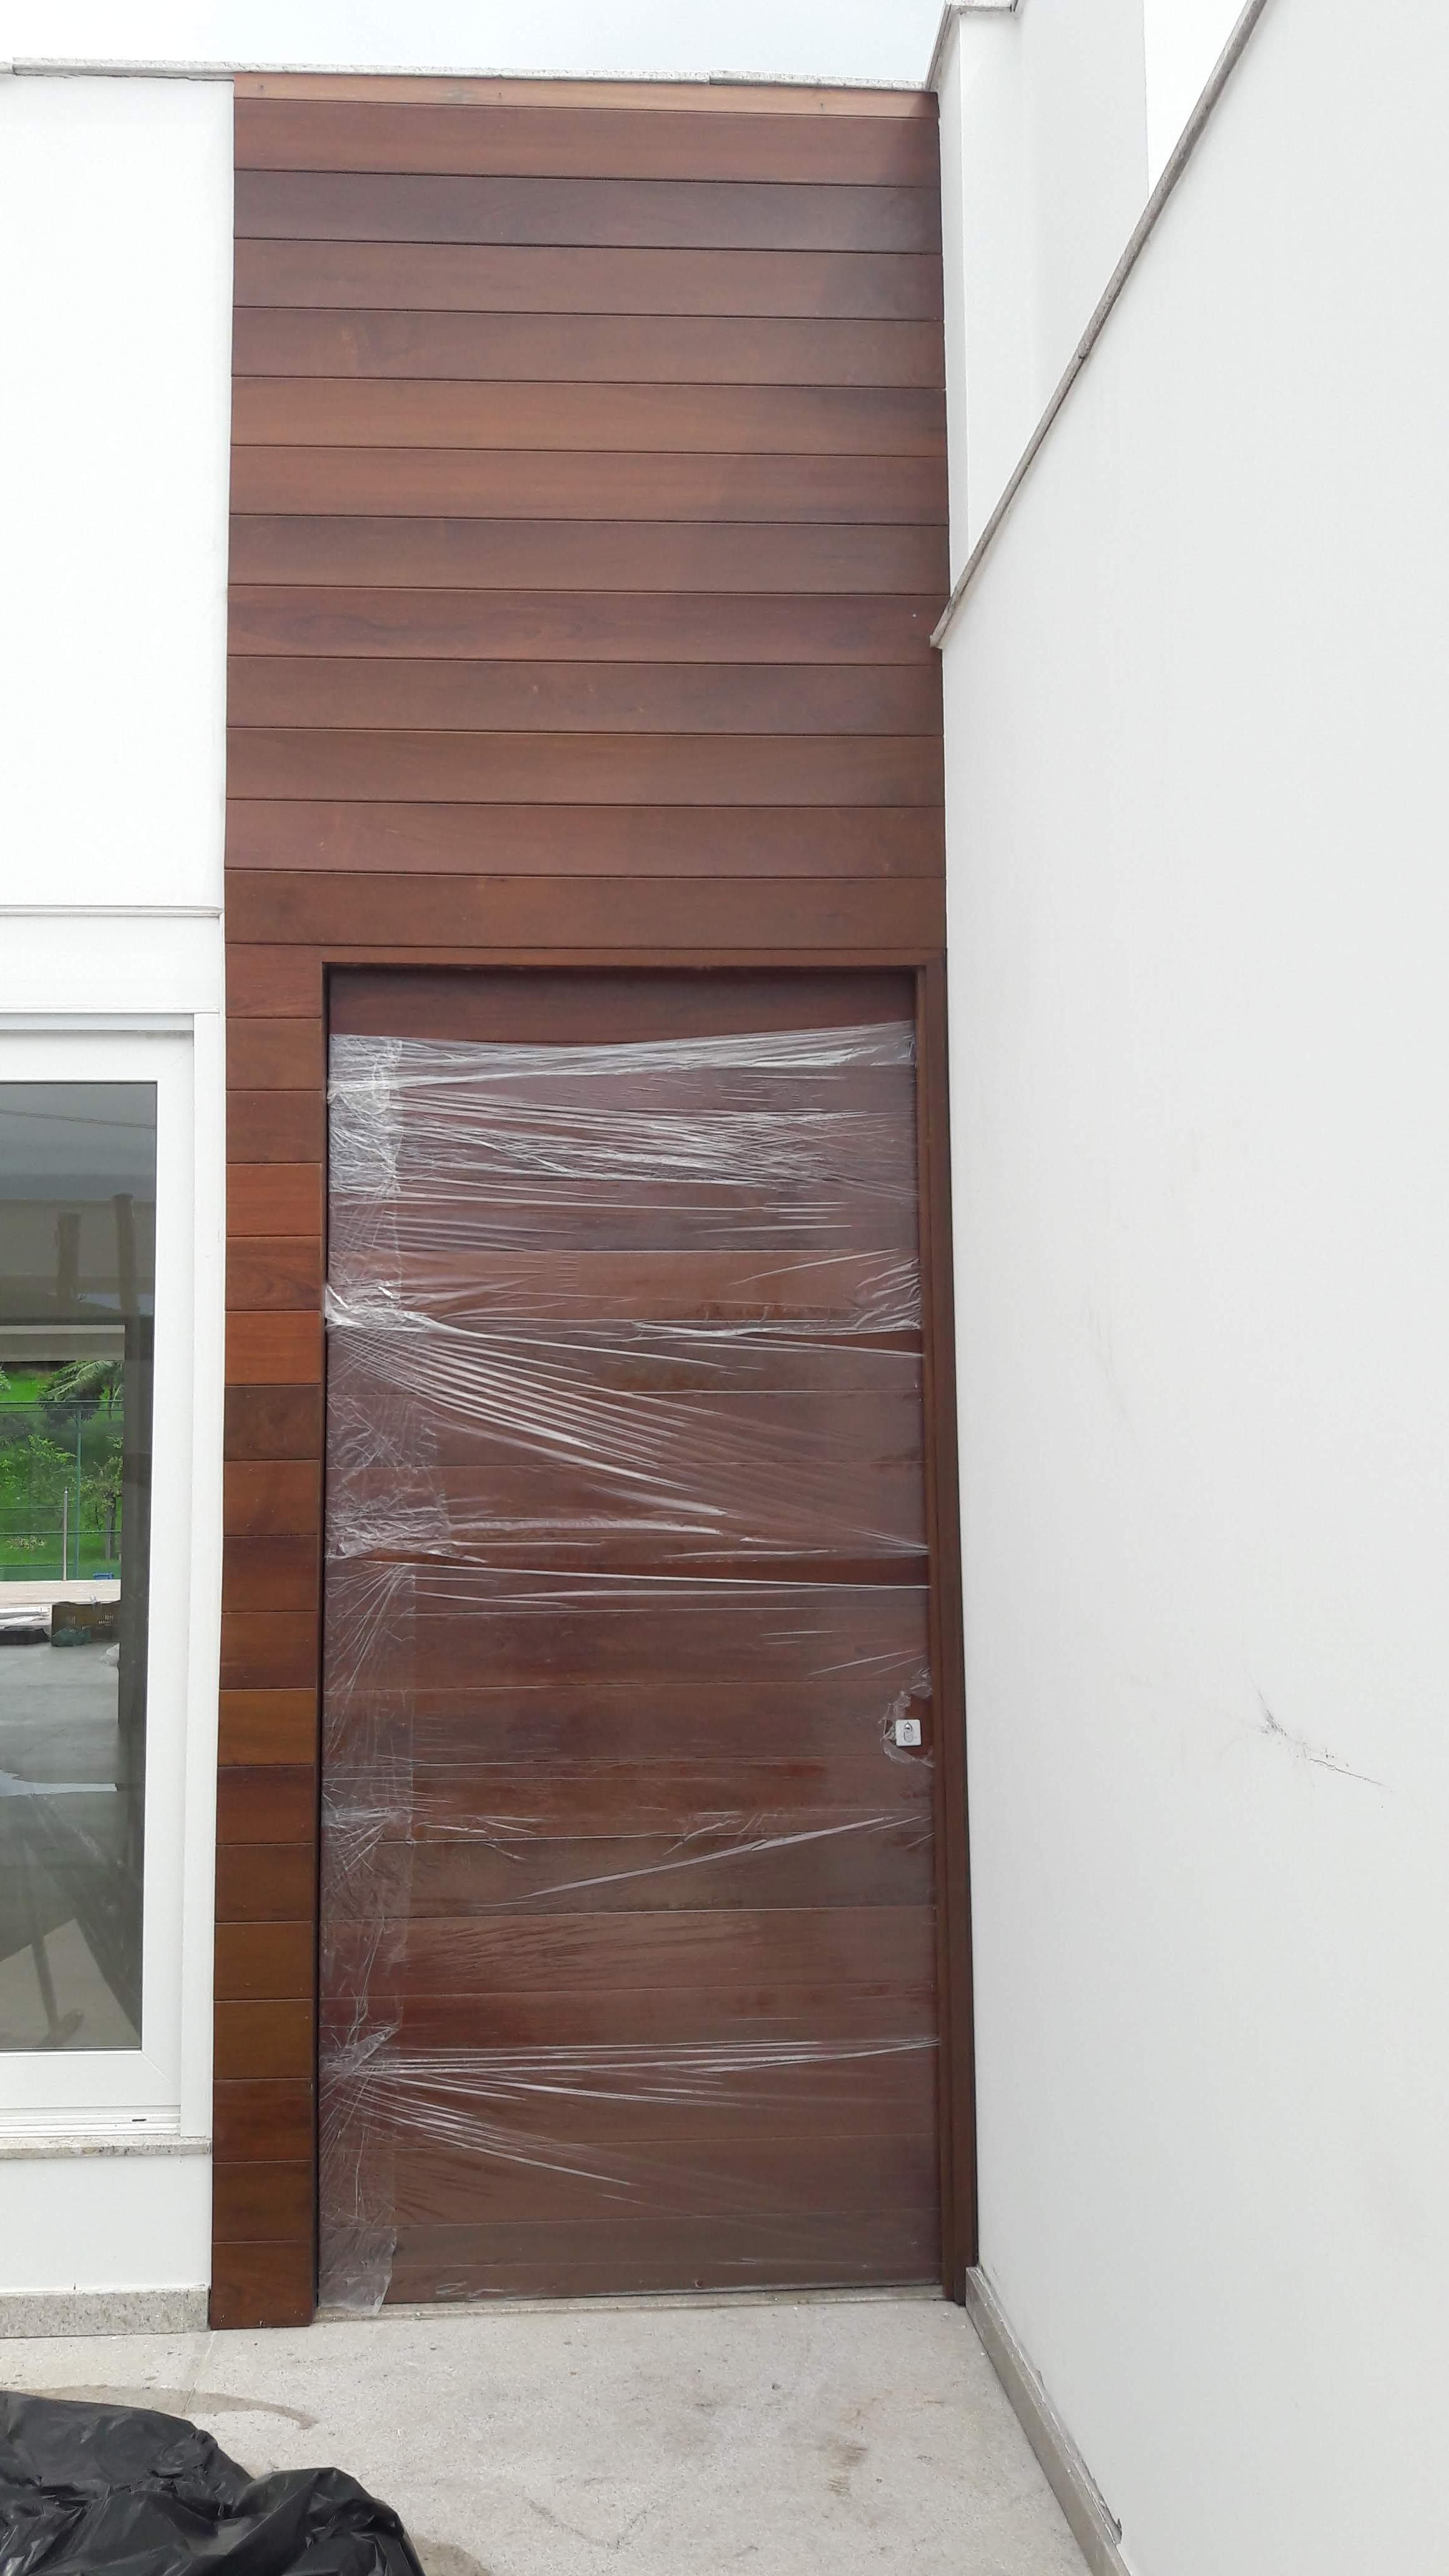 Porta 705 - Porta de madeira com  sistema de abertura pivotante, painel de madeira, envernizada.